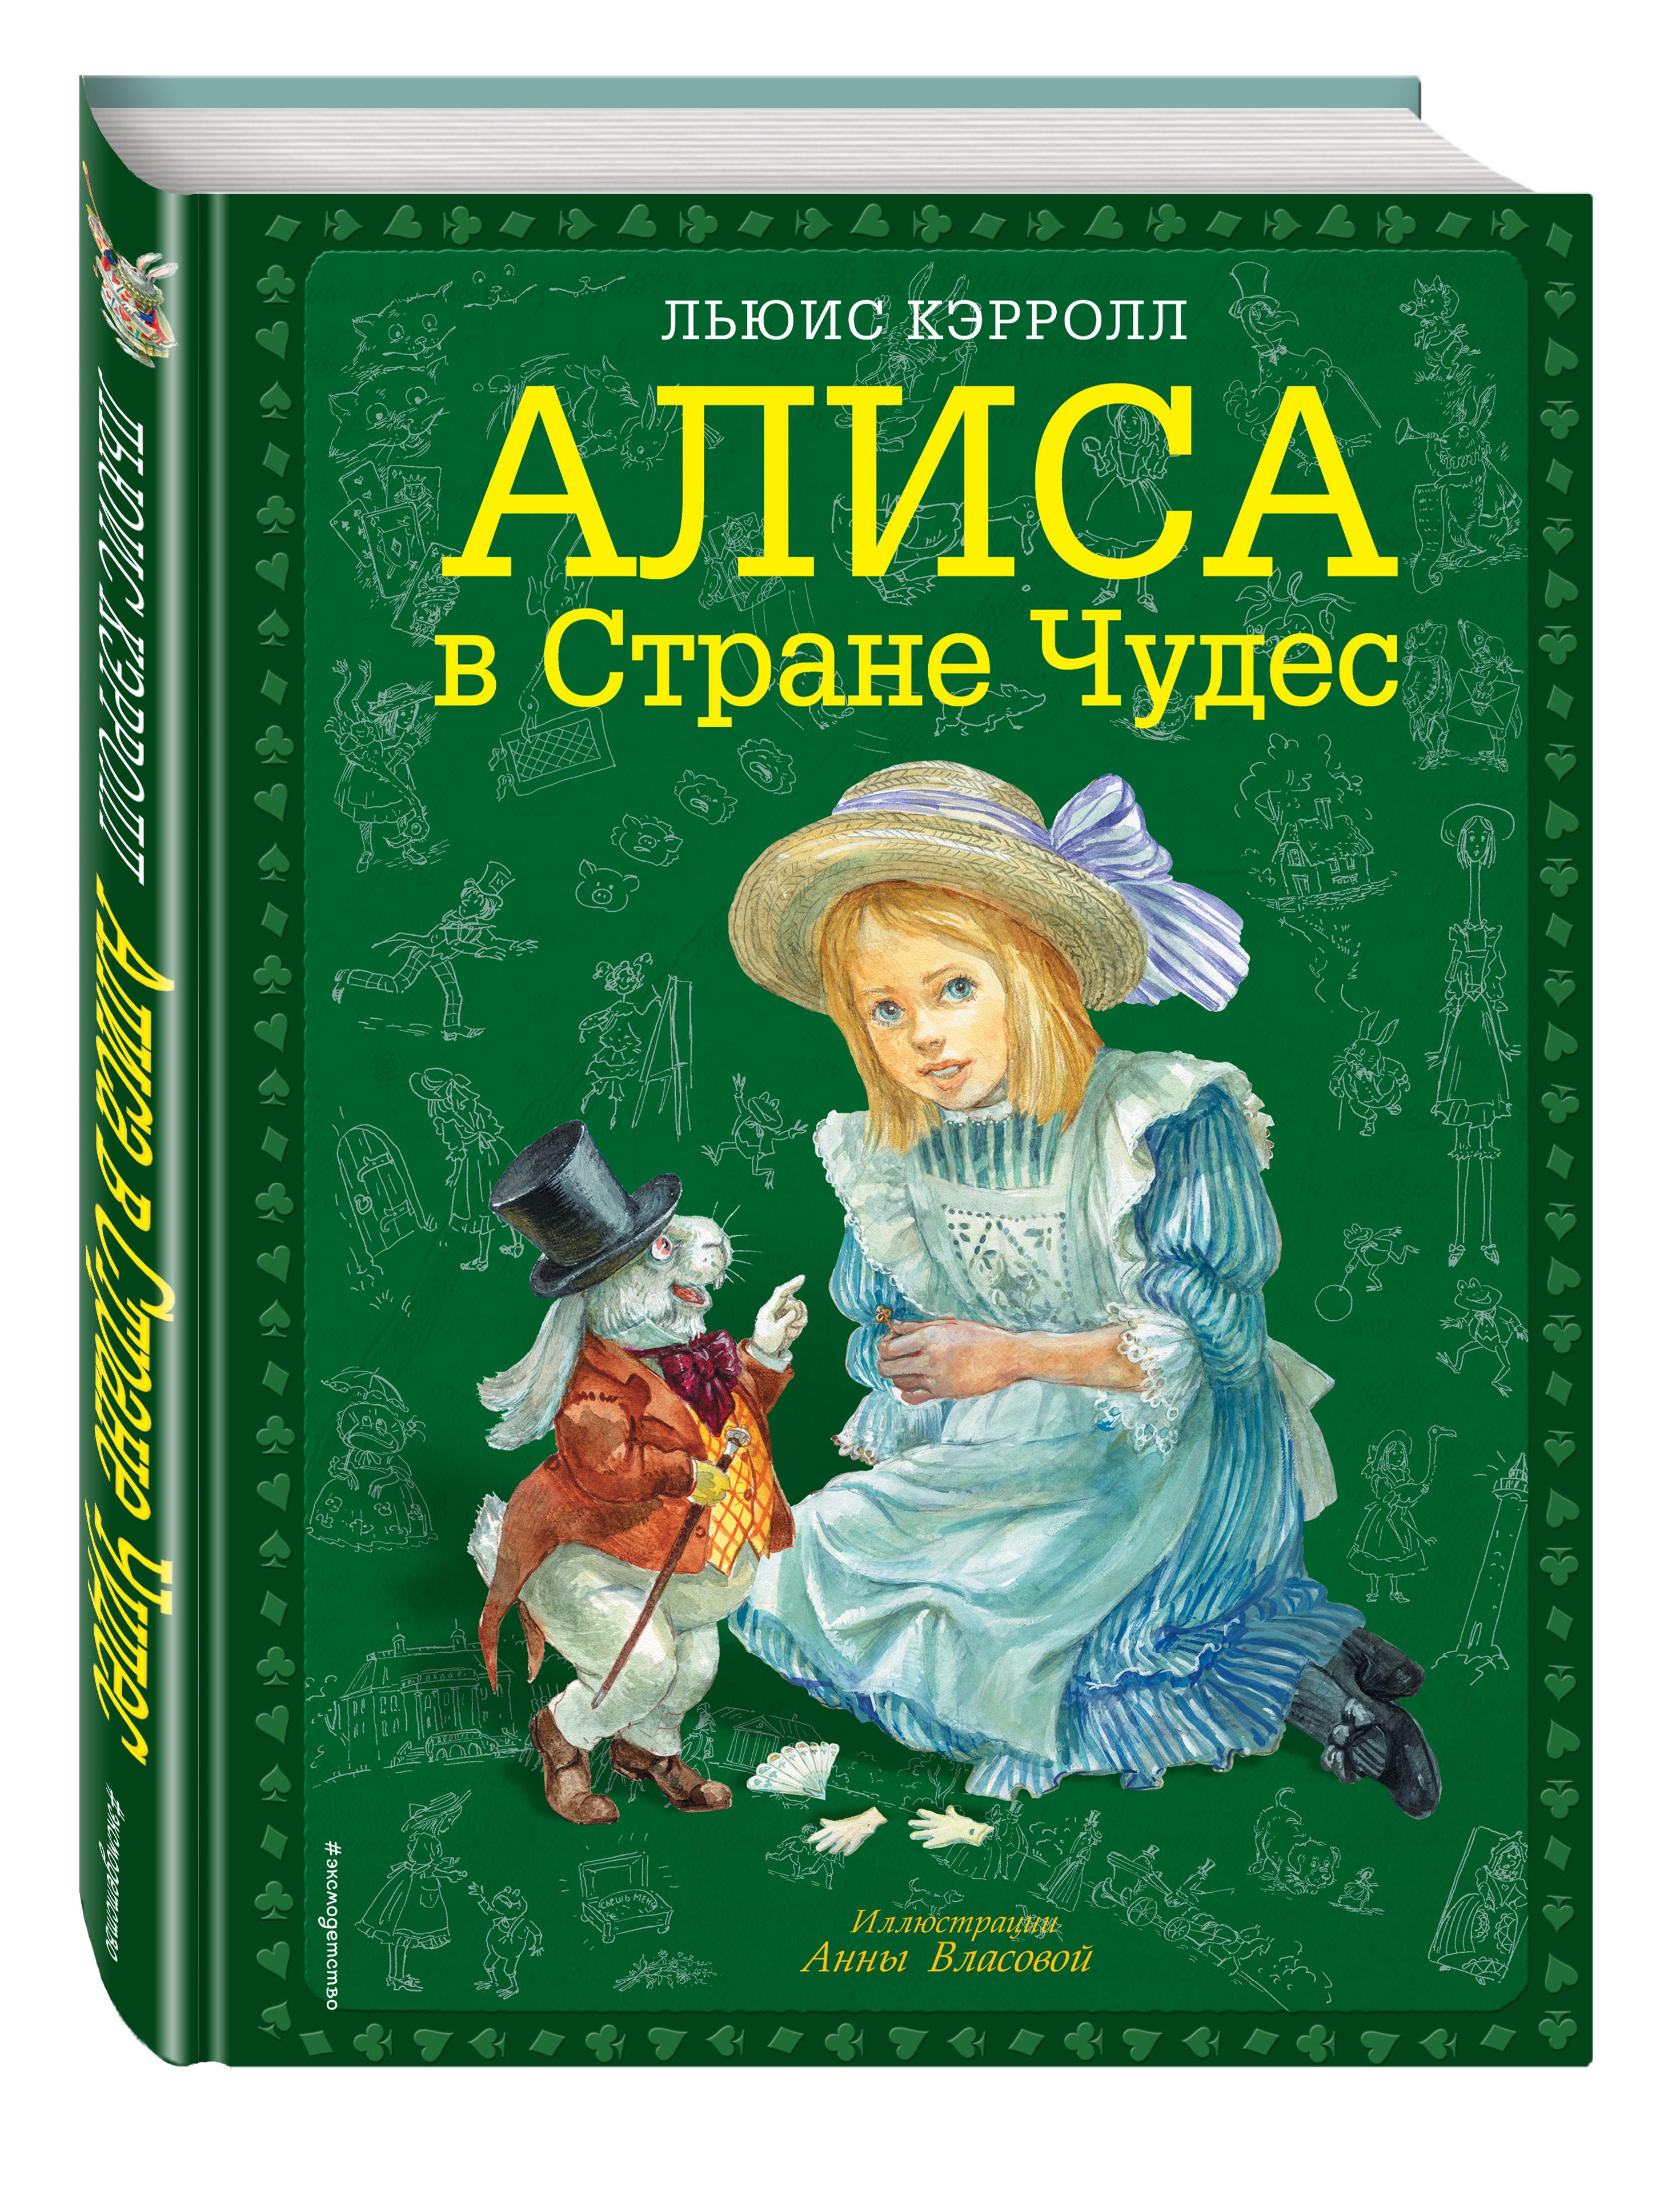 Льюис Кэрролл Алиса в Стране чудес (ил. А. Власовой) цена 2017